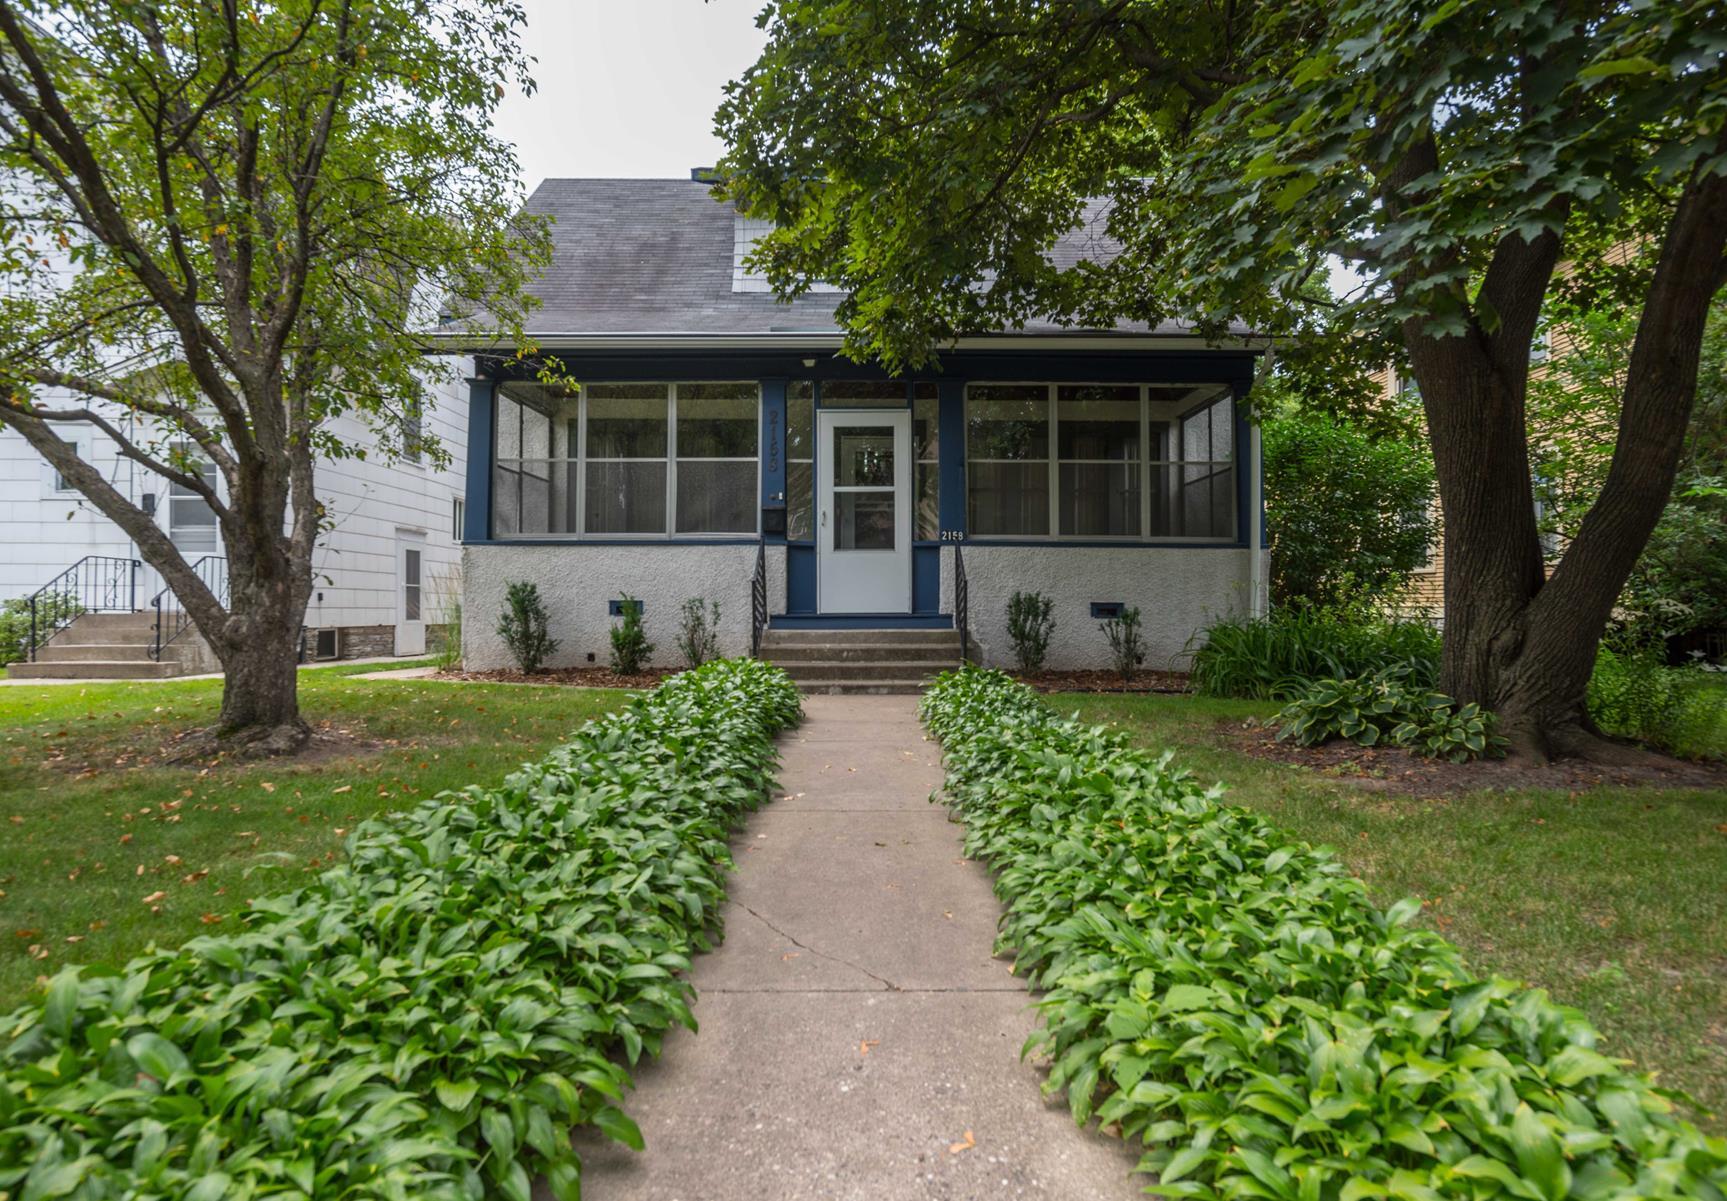 Maison unifamiliale pour l Vente à 2158 Marshall Avenue St. Paul, Minnesota, 55104 États-Unis